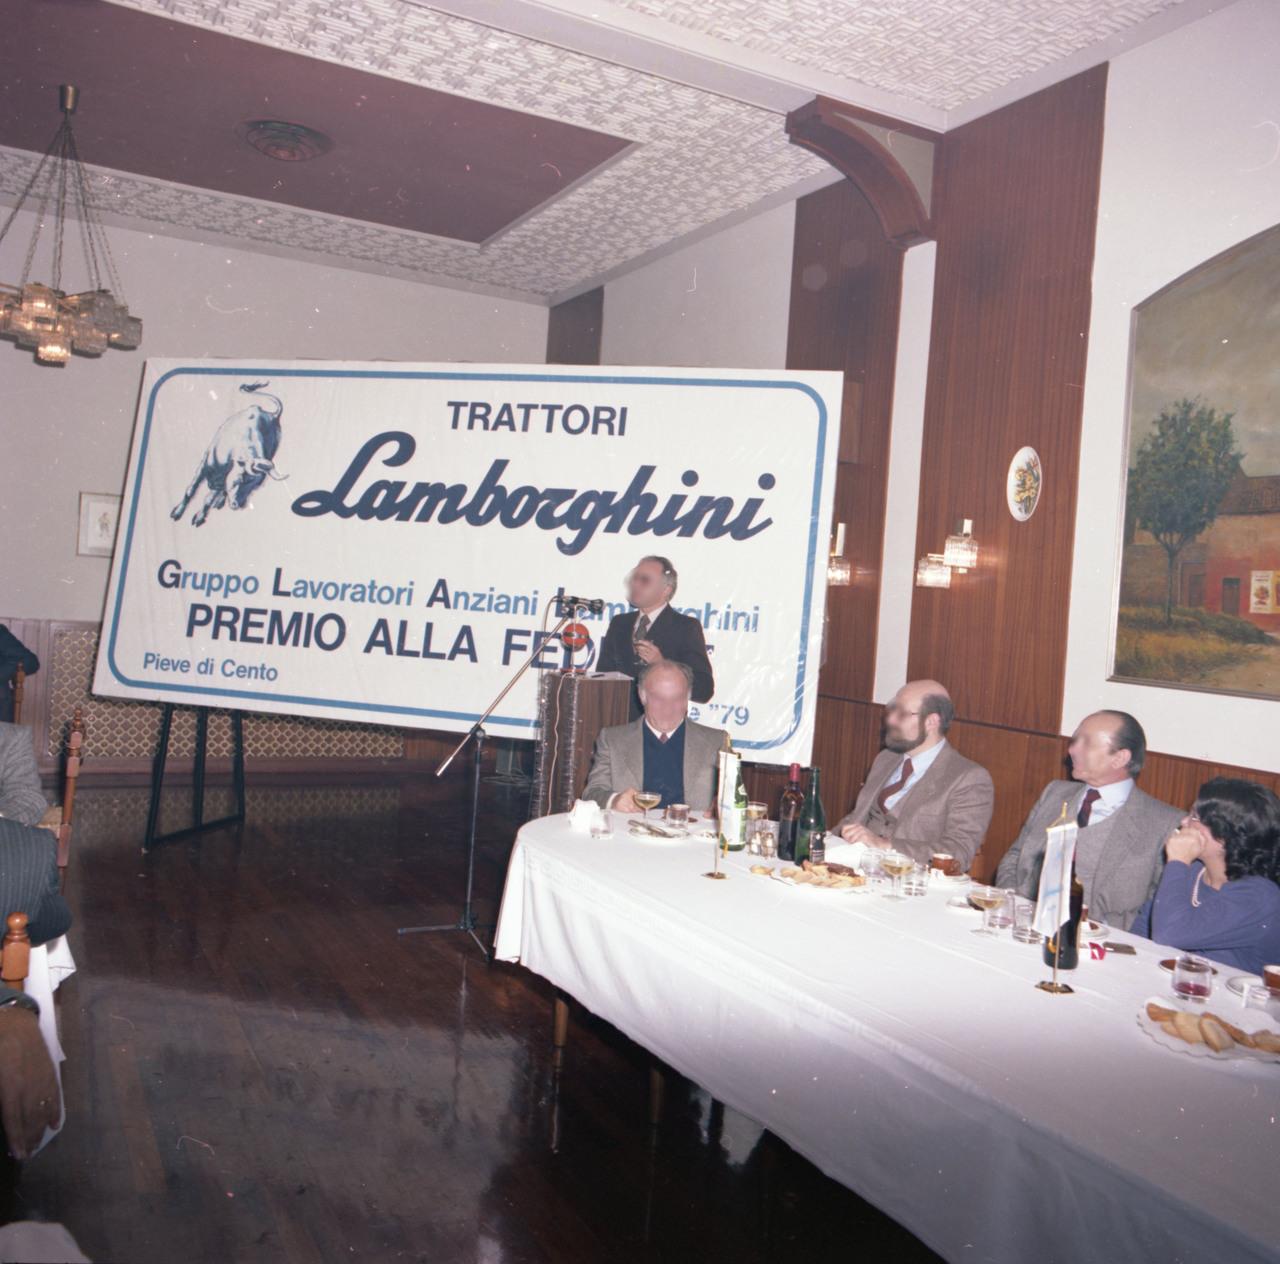 Gruppo Lavoratori Anziani Lamborghini, Premio fedeltà 24-12-1979